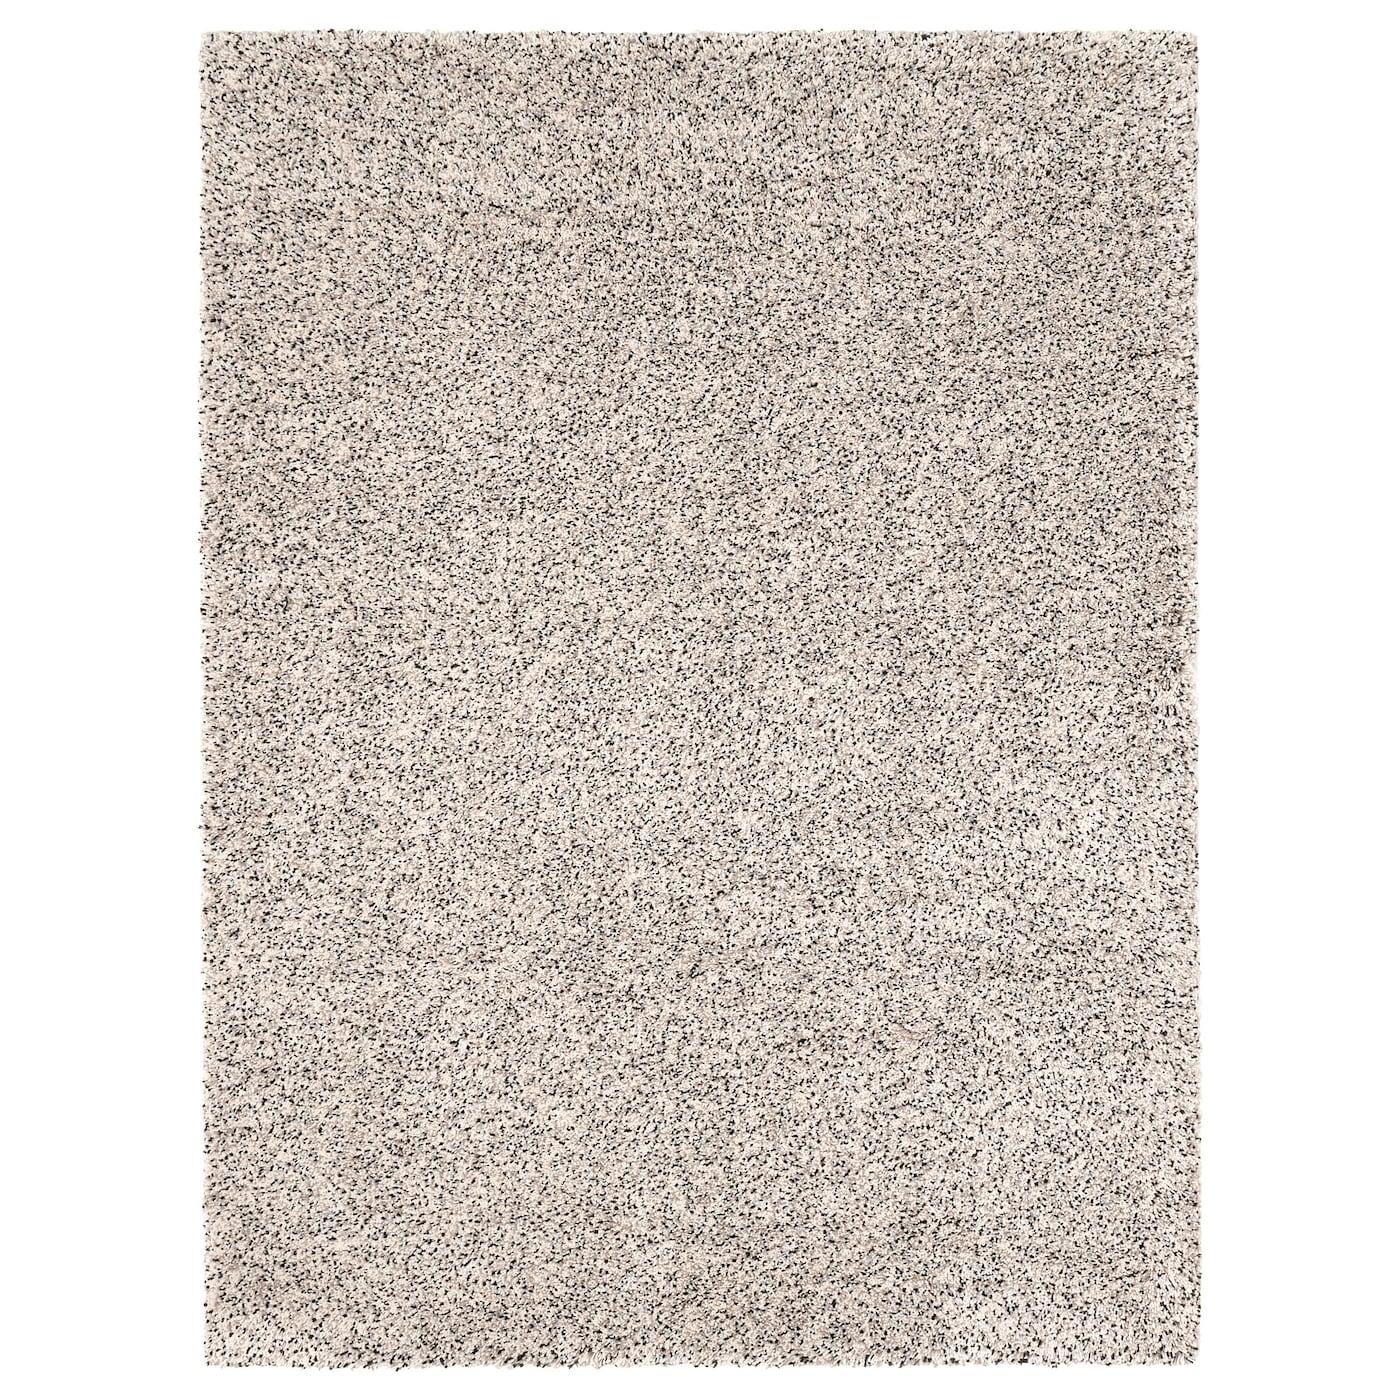 """Tapis Long Poil Blanc vindum tapis à poils longs - blanc 6 ' 7 """"x8 ' 10 """" (200x270 cm)"""